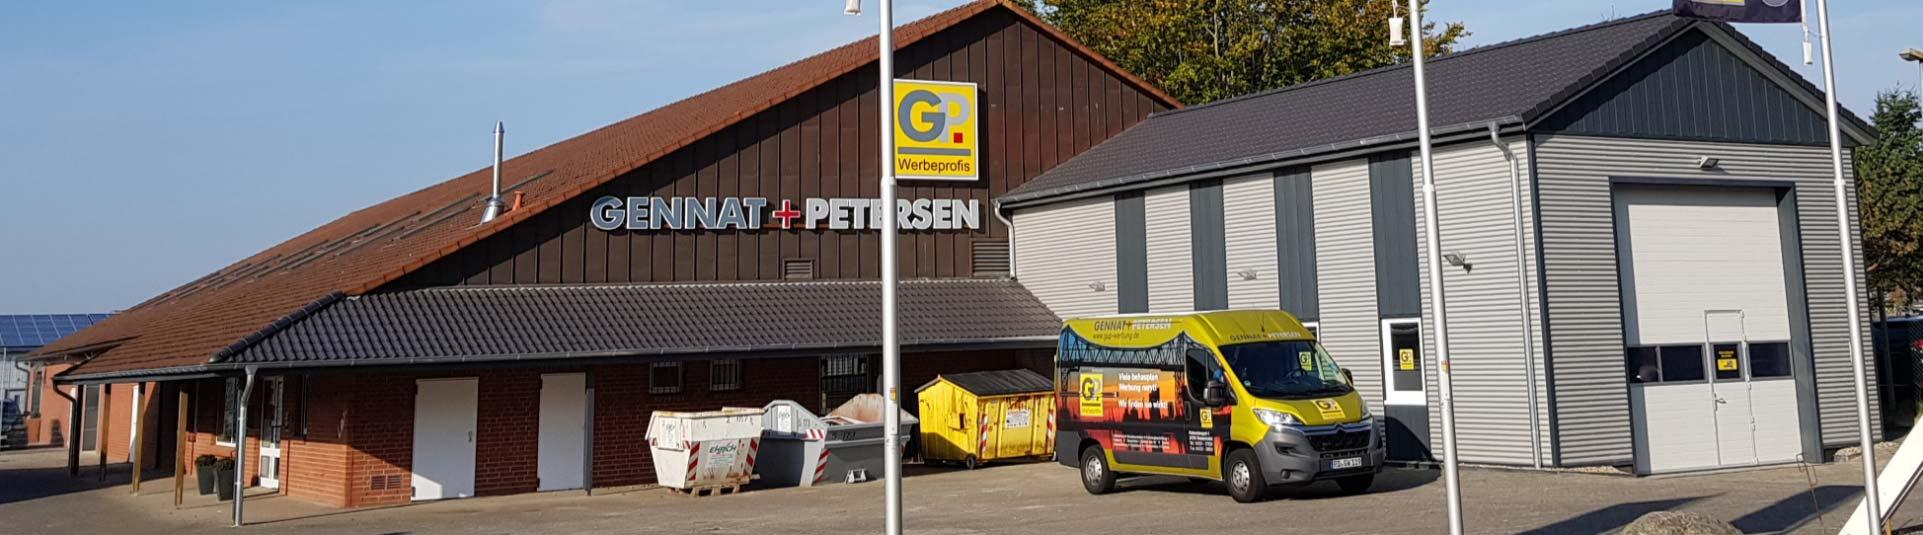 Neues Gebäude | Gennat + Petersen Werbung